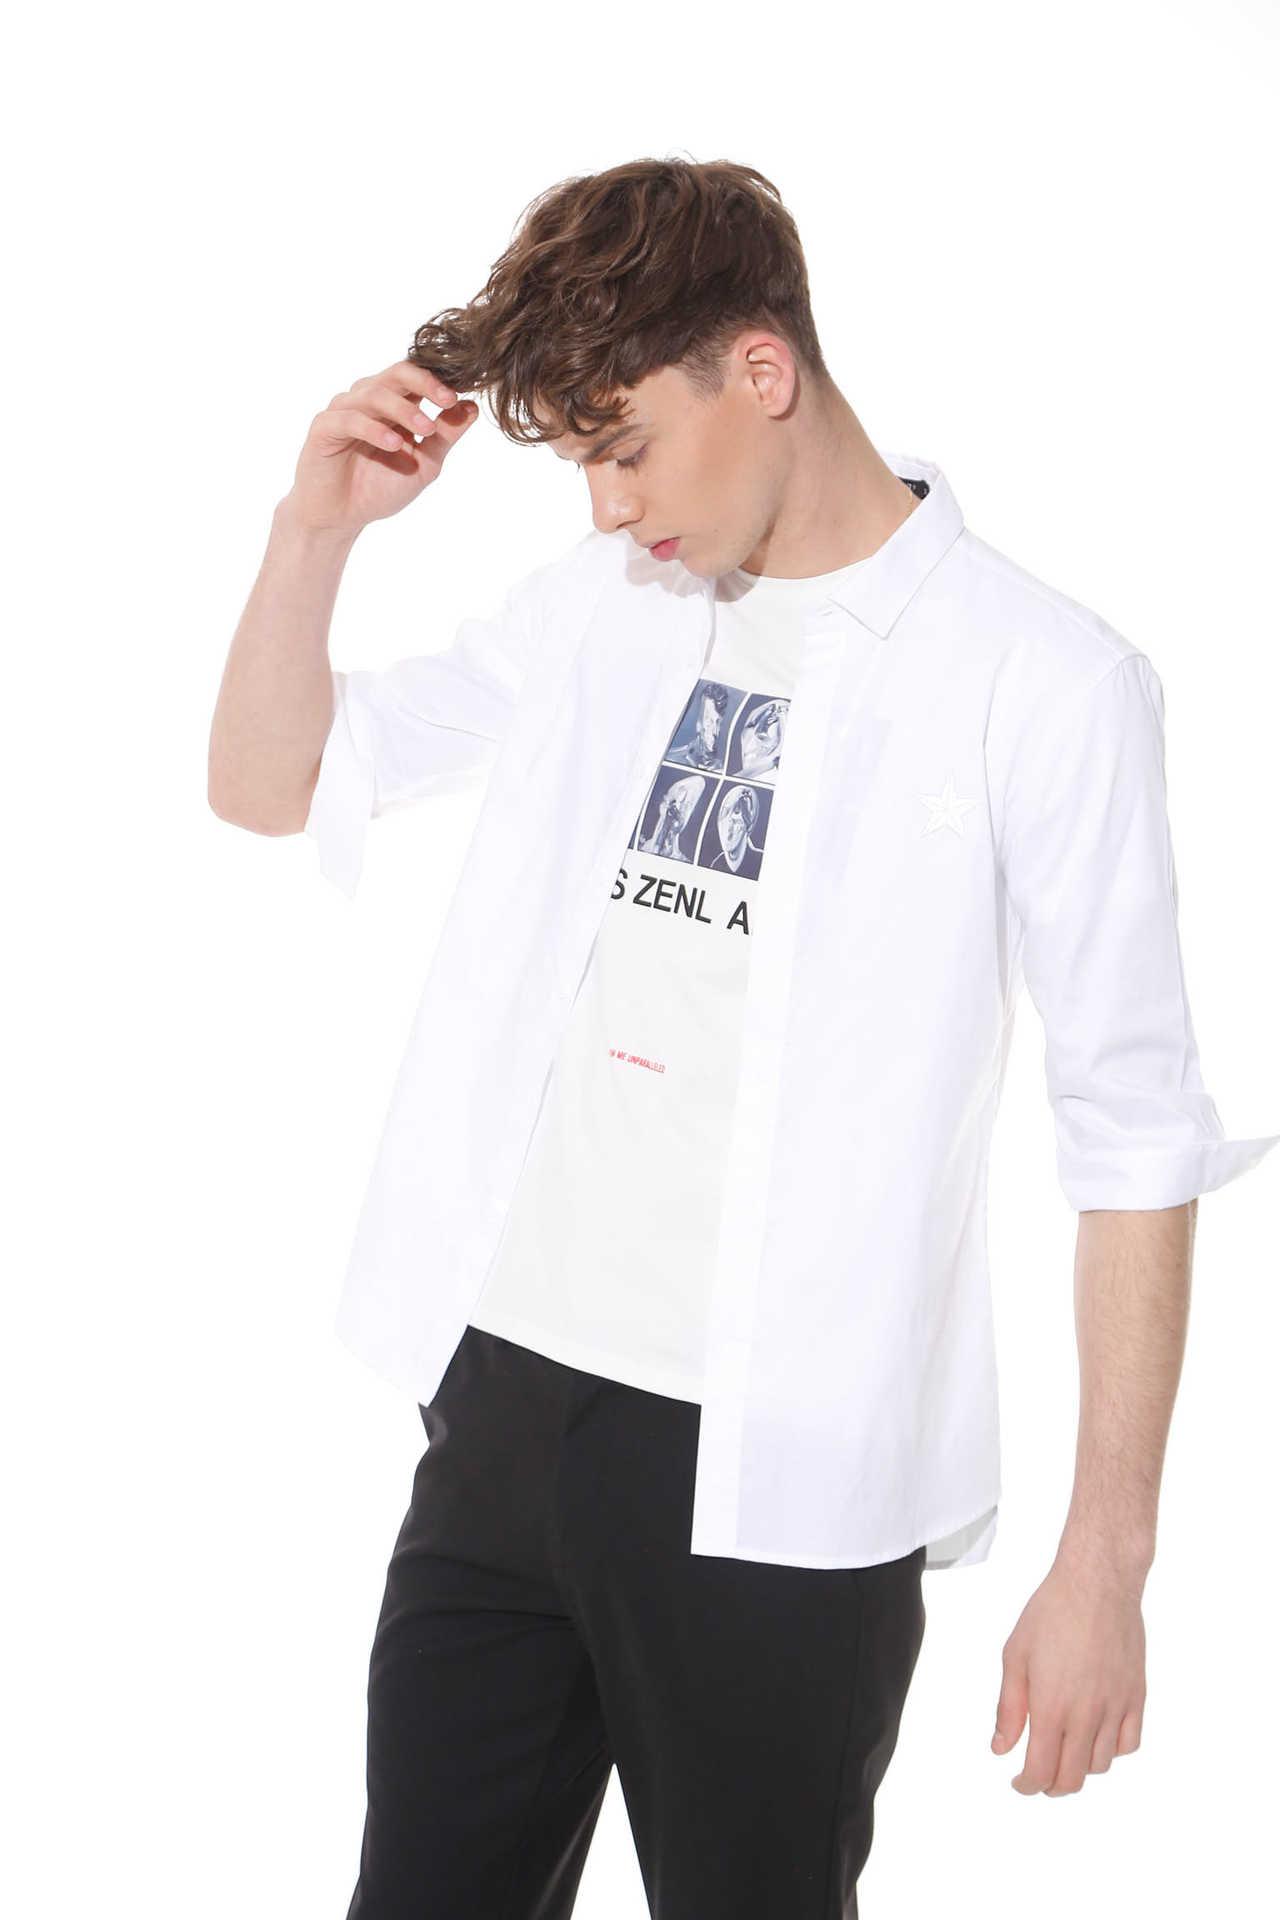 ZENL服装质量好吗 佐纳利品牌服装最具艺术感的男装品牌